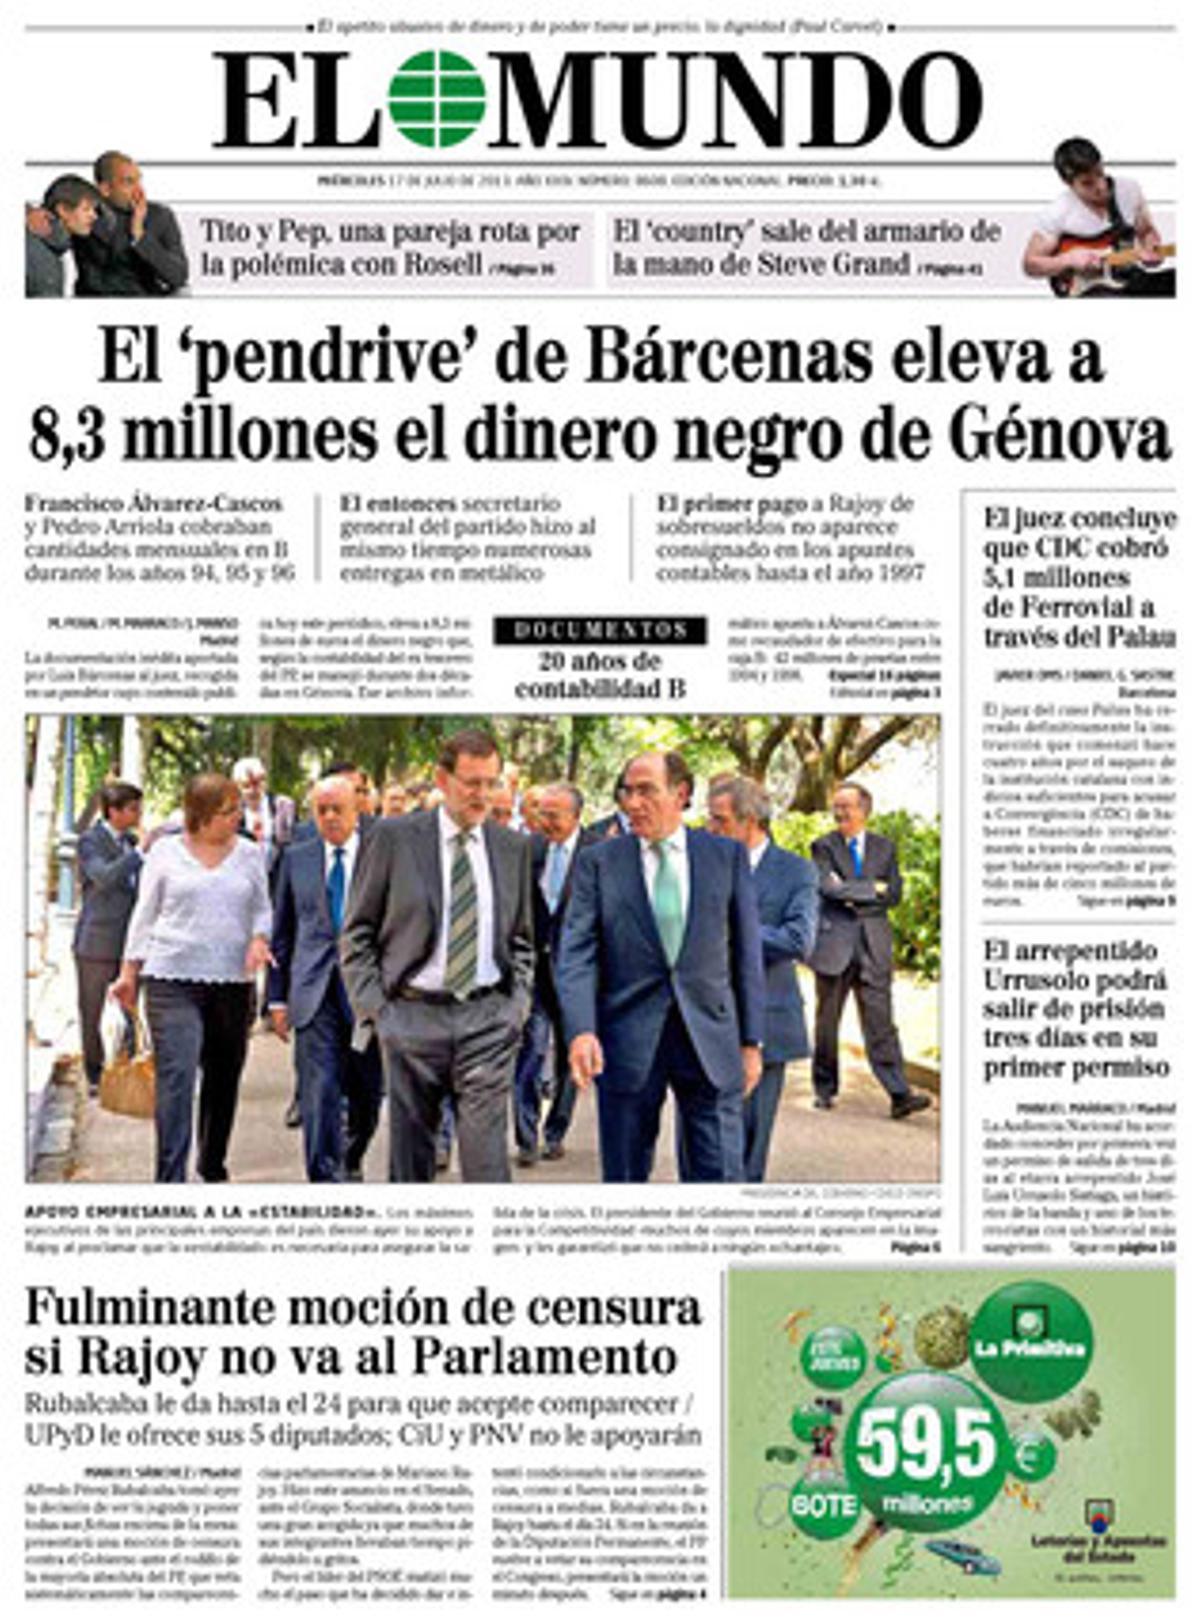 El Mundo, 17-07-2013.